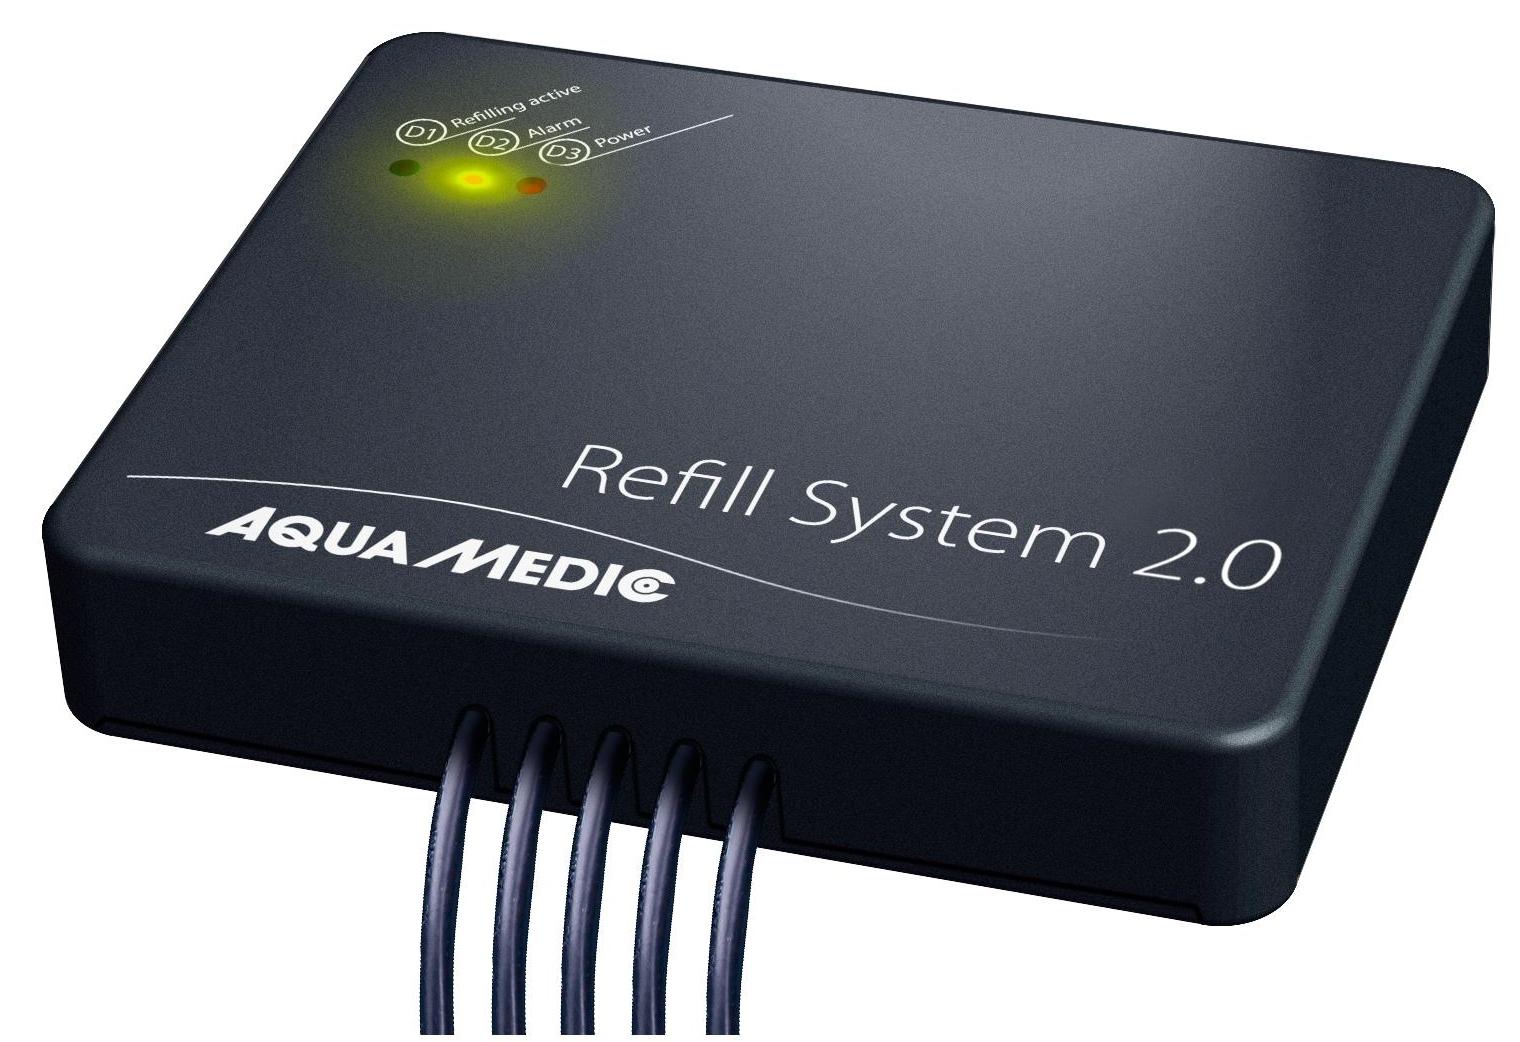 Shop Aqua Medic Refill System Pro